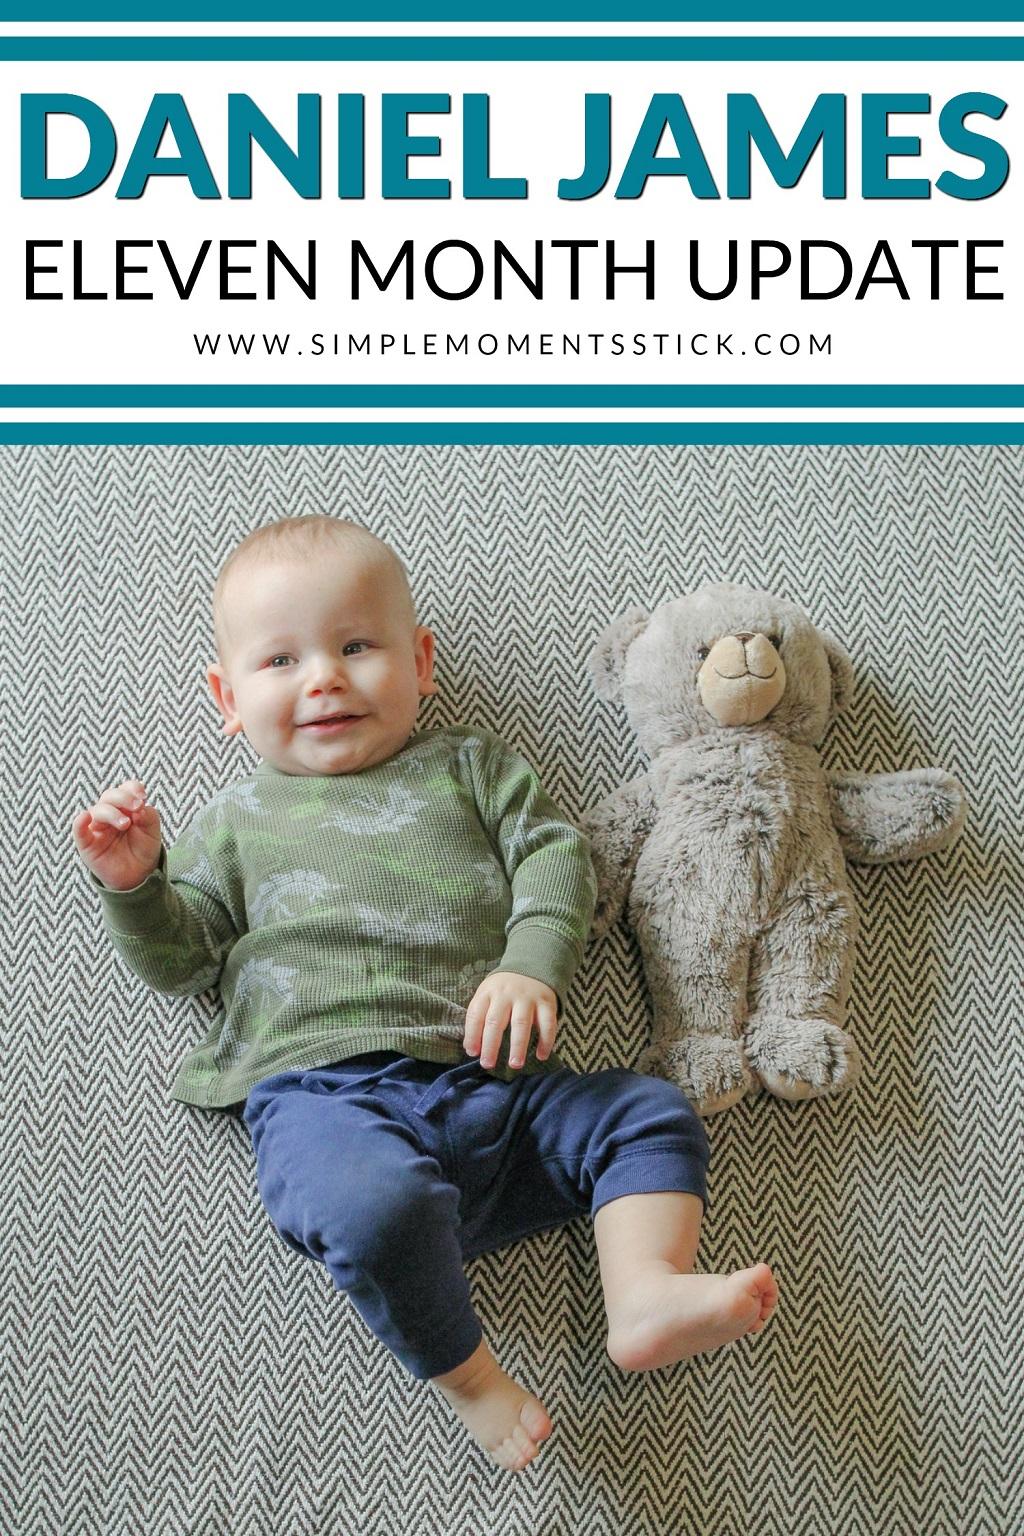 Eleven month update